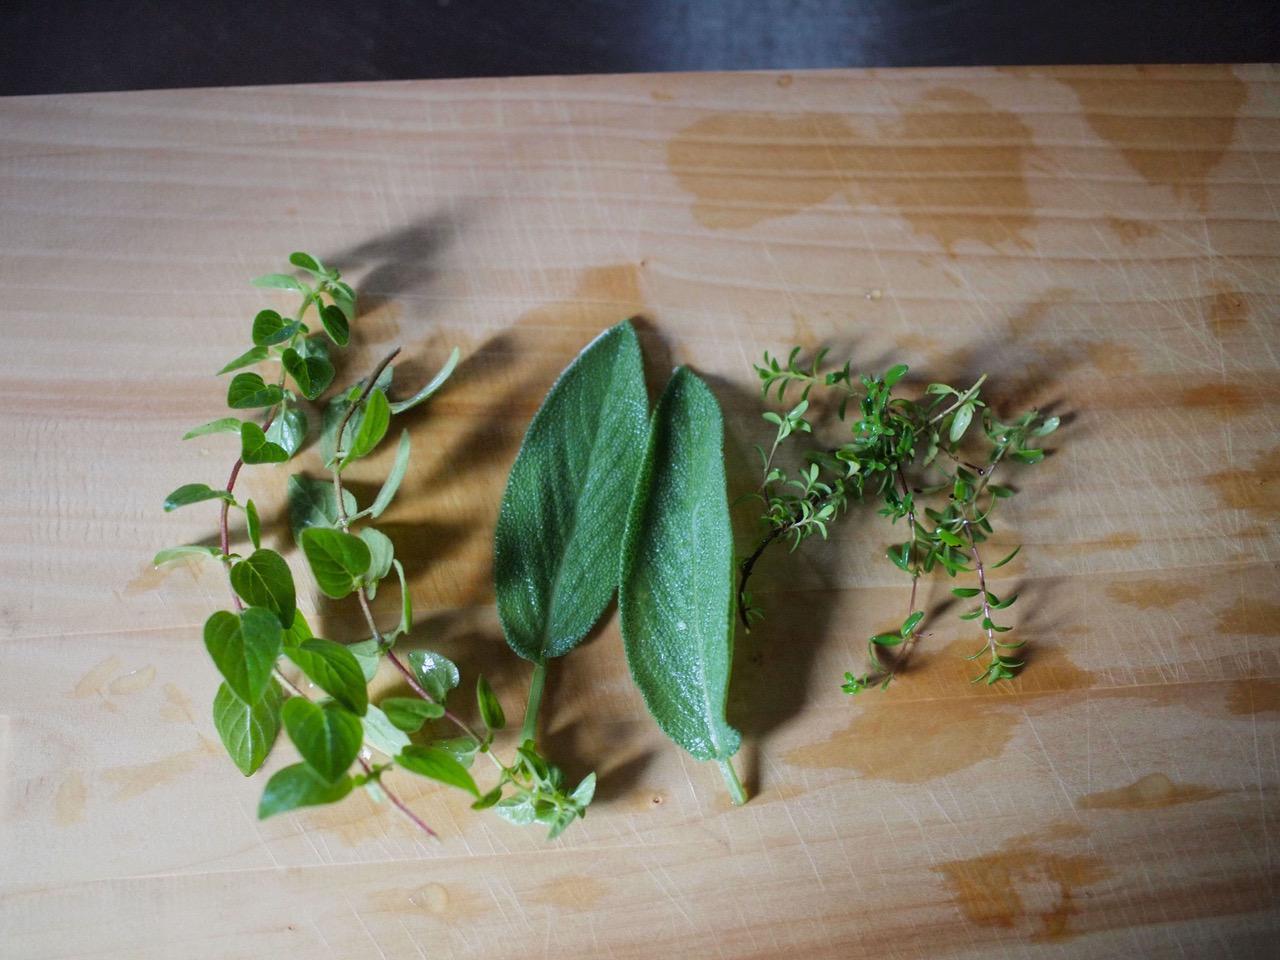 画像: 今回入れた庭の摘みたてハーブ。左からオレガノ、セージ、タイム。煮詰めるときにはローリエも3~4枚入れます